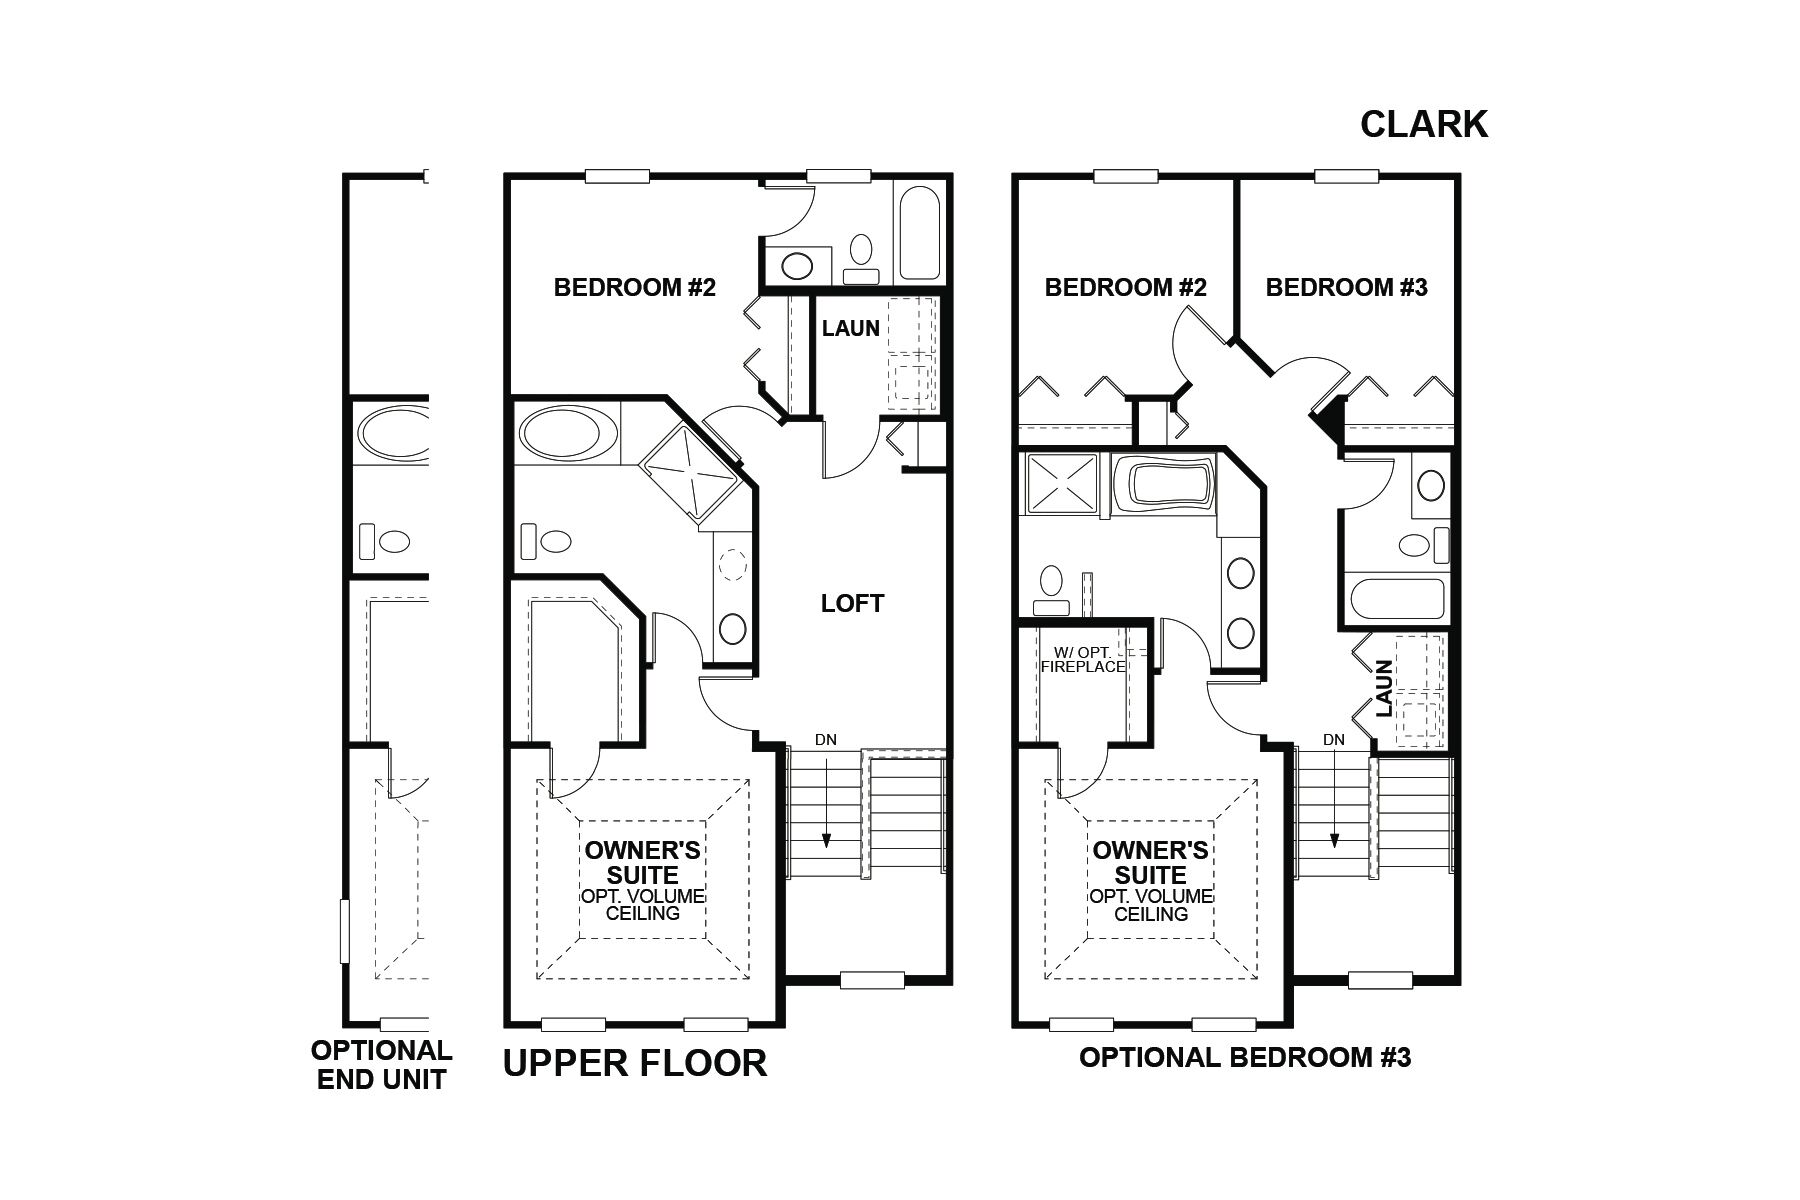 Clark Floorplan